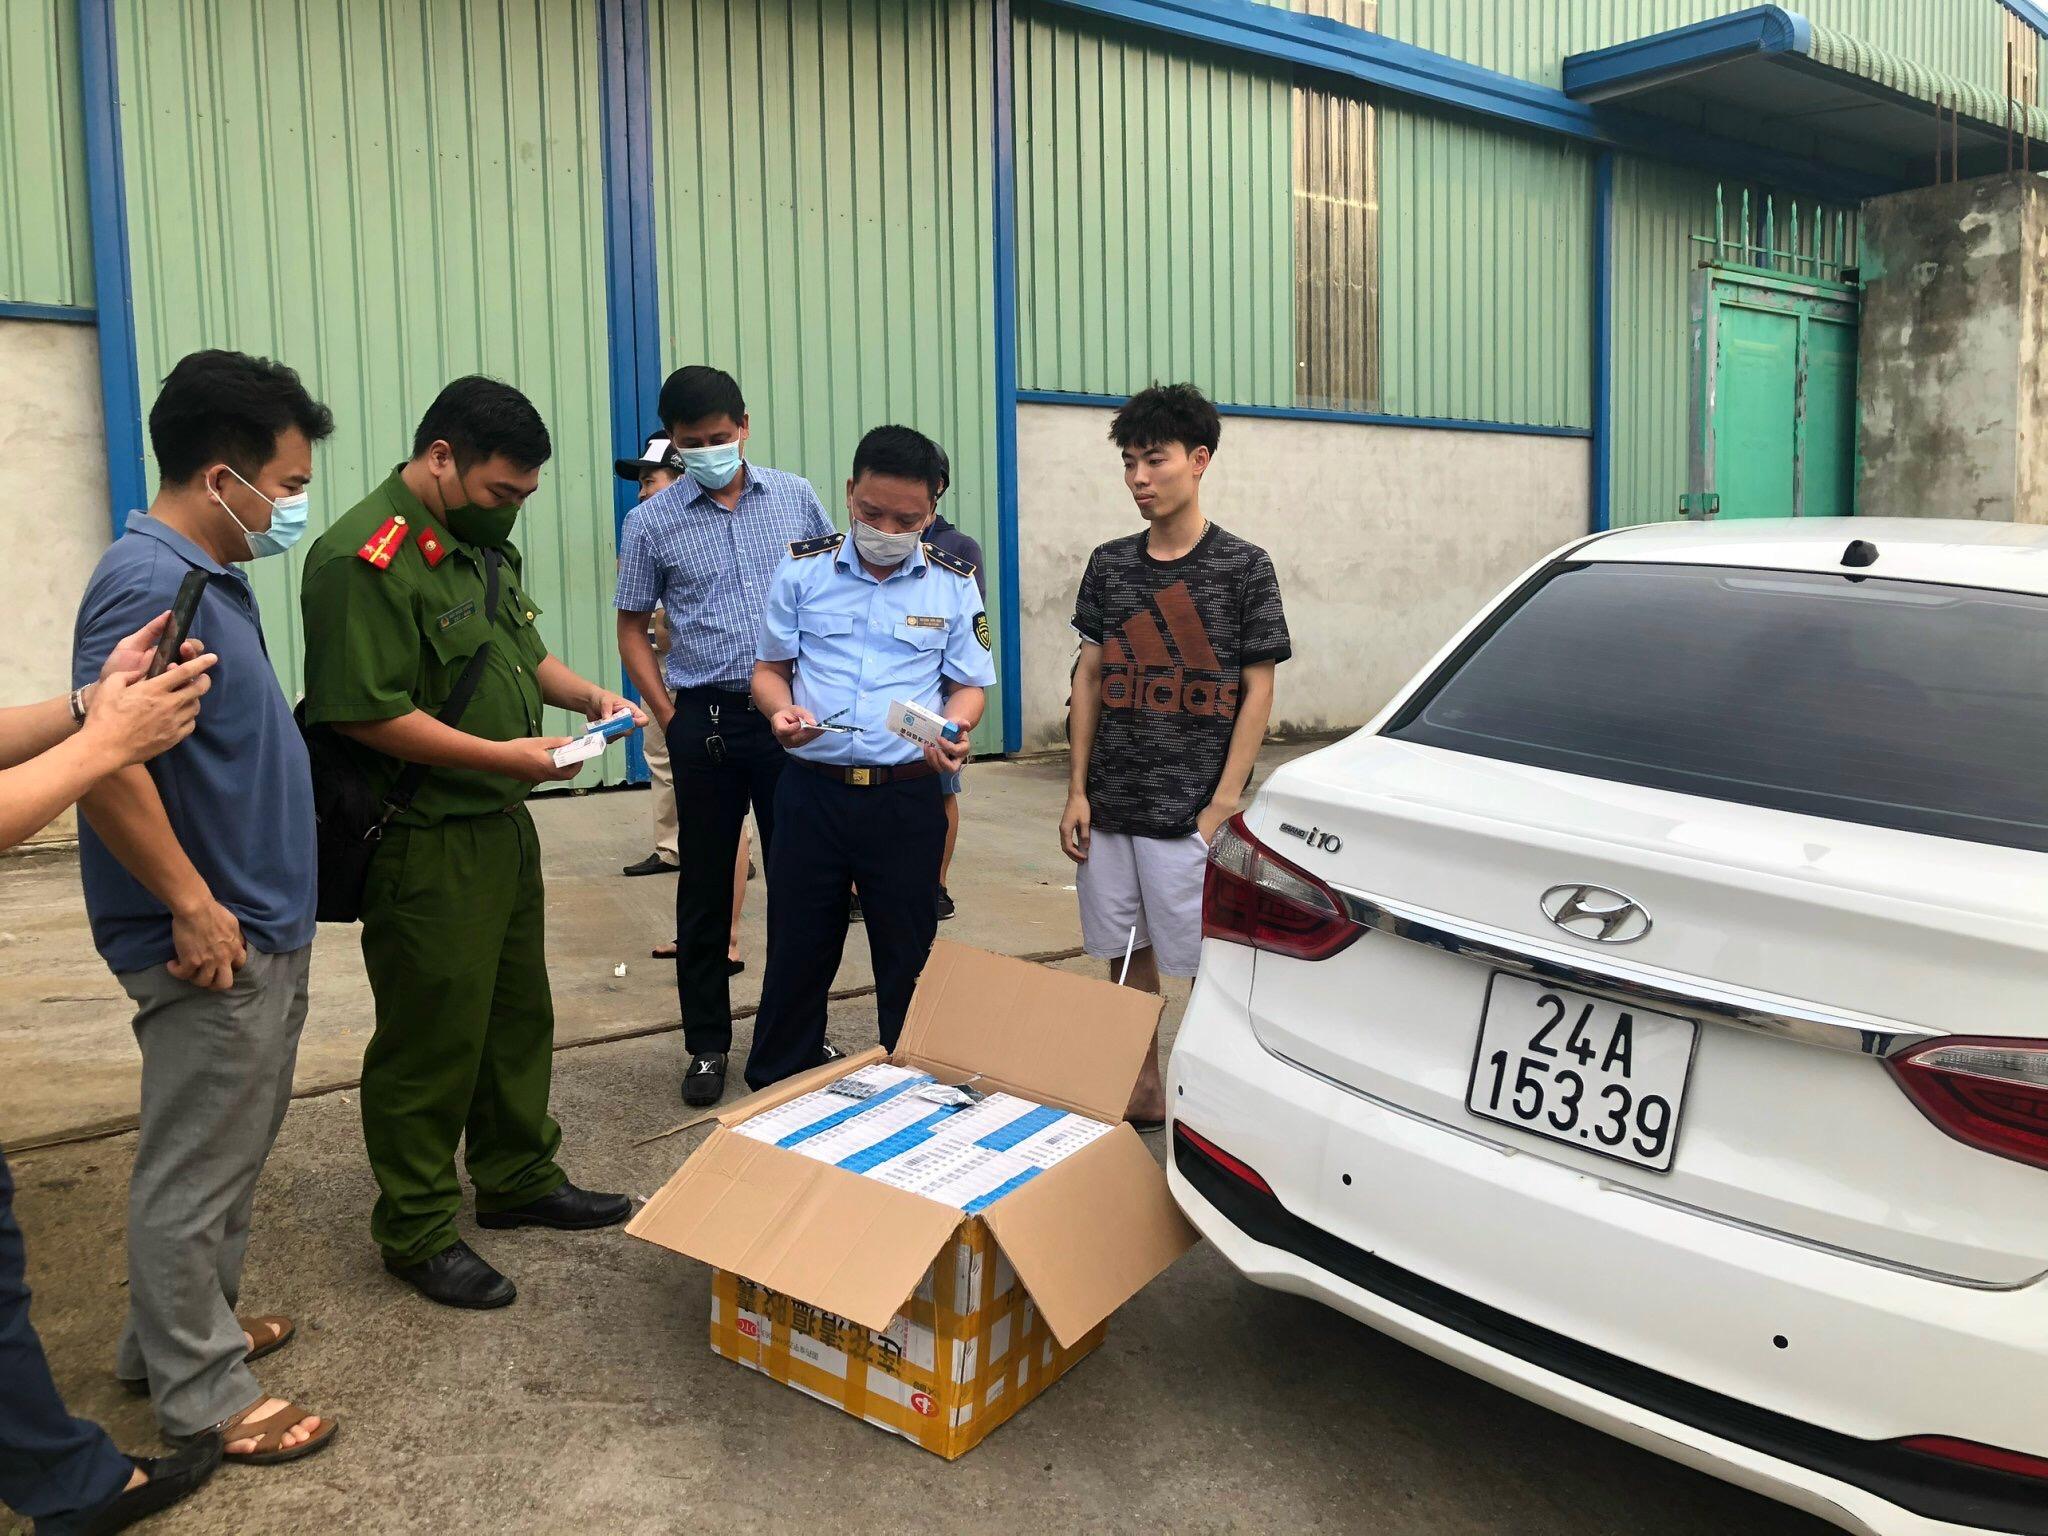 Lào Cai liên tiếp phát hiện, xử lý 02 vụ việc, tạm giữ 9.600 viên thuốc tân dược và 14.400 sản phẩm thạch hoa quả không rõ nguồn gốc xuất xứ đang chuẩn bị đi tiêu thụ